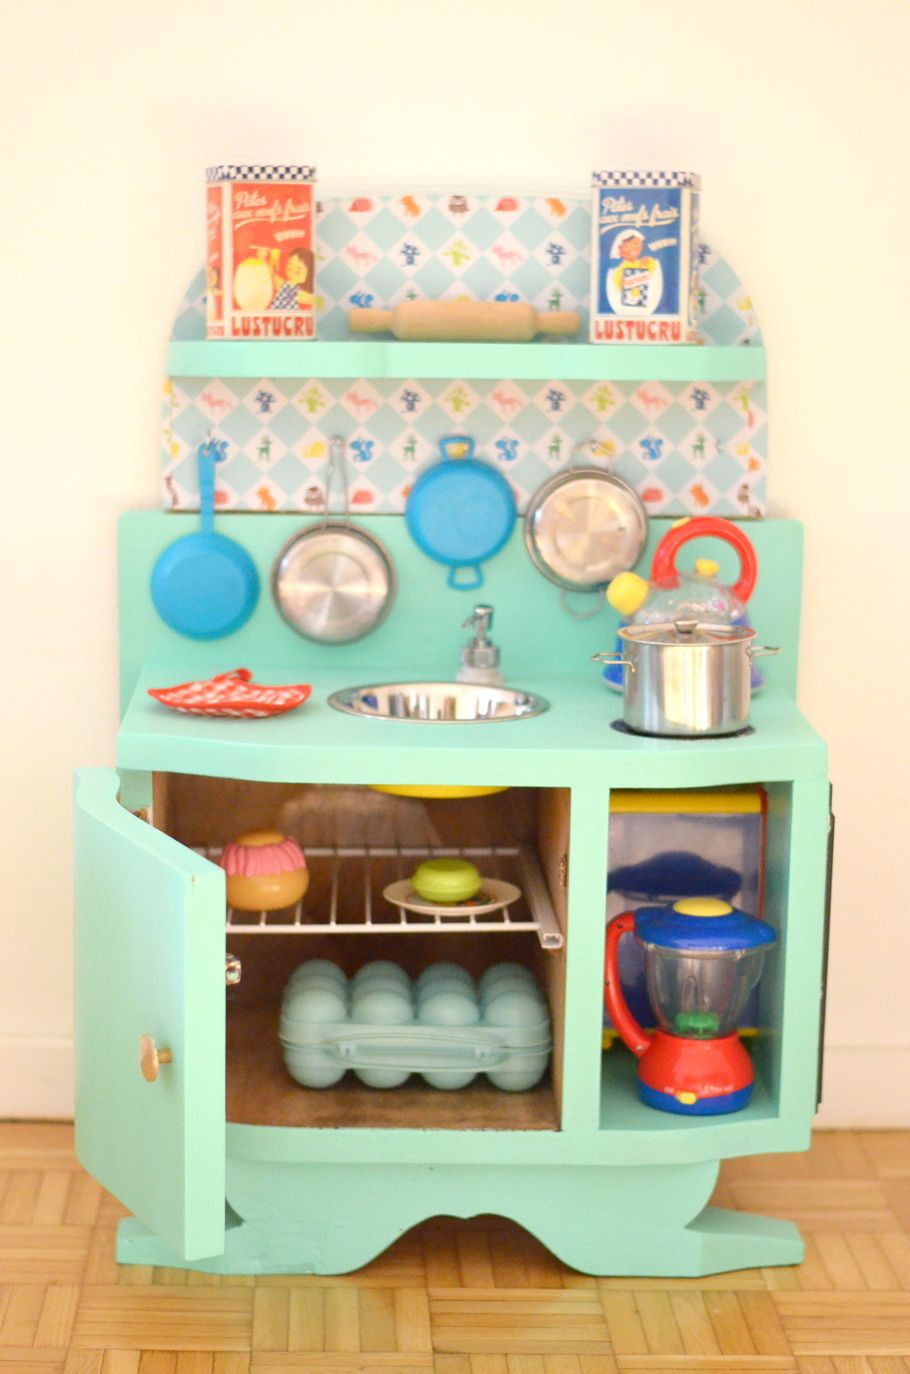 diy une cuisine enfant en bois fabriquer jouet pas cher blog maman cuisines enfant en. Black Bedroom Furniture Sets. Home Design Ideas